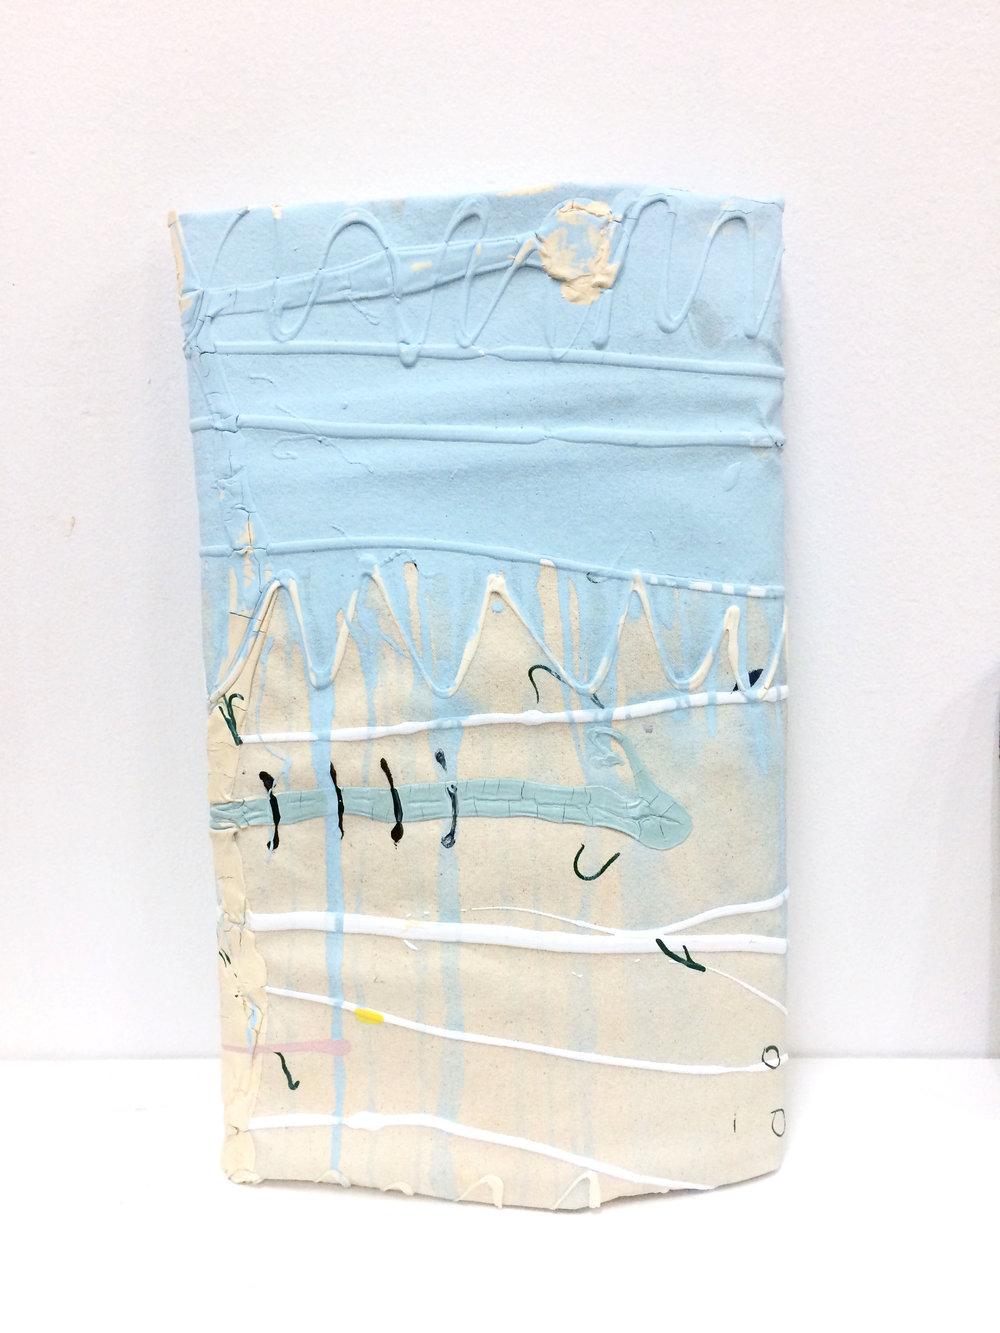 Azul en caída  , 2017  Acrílico, lienzo y madera  34 x 56 cm